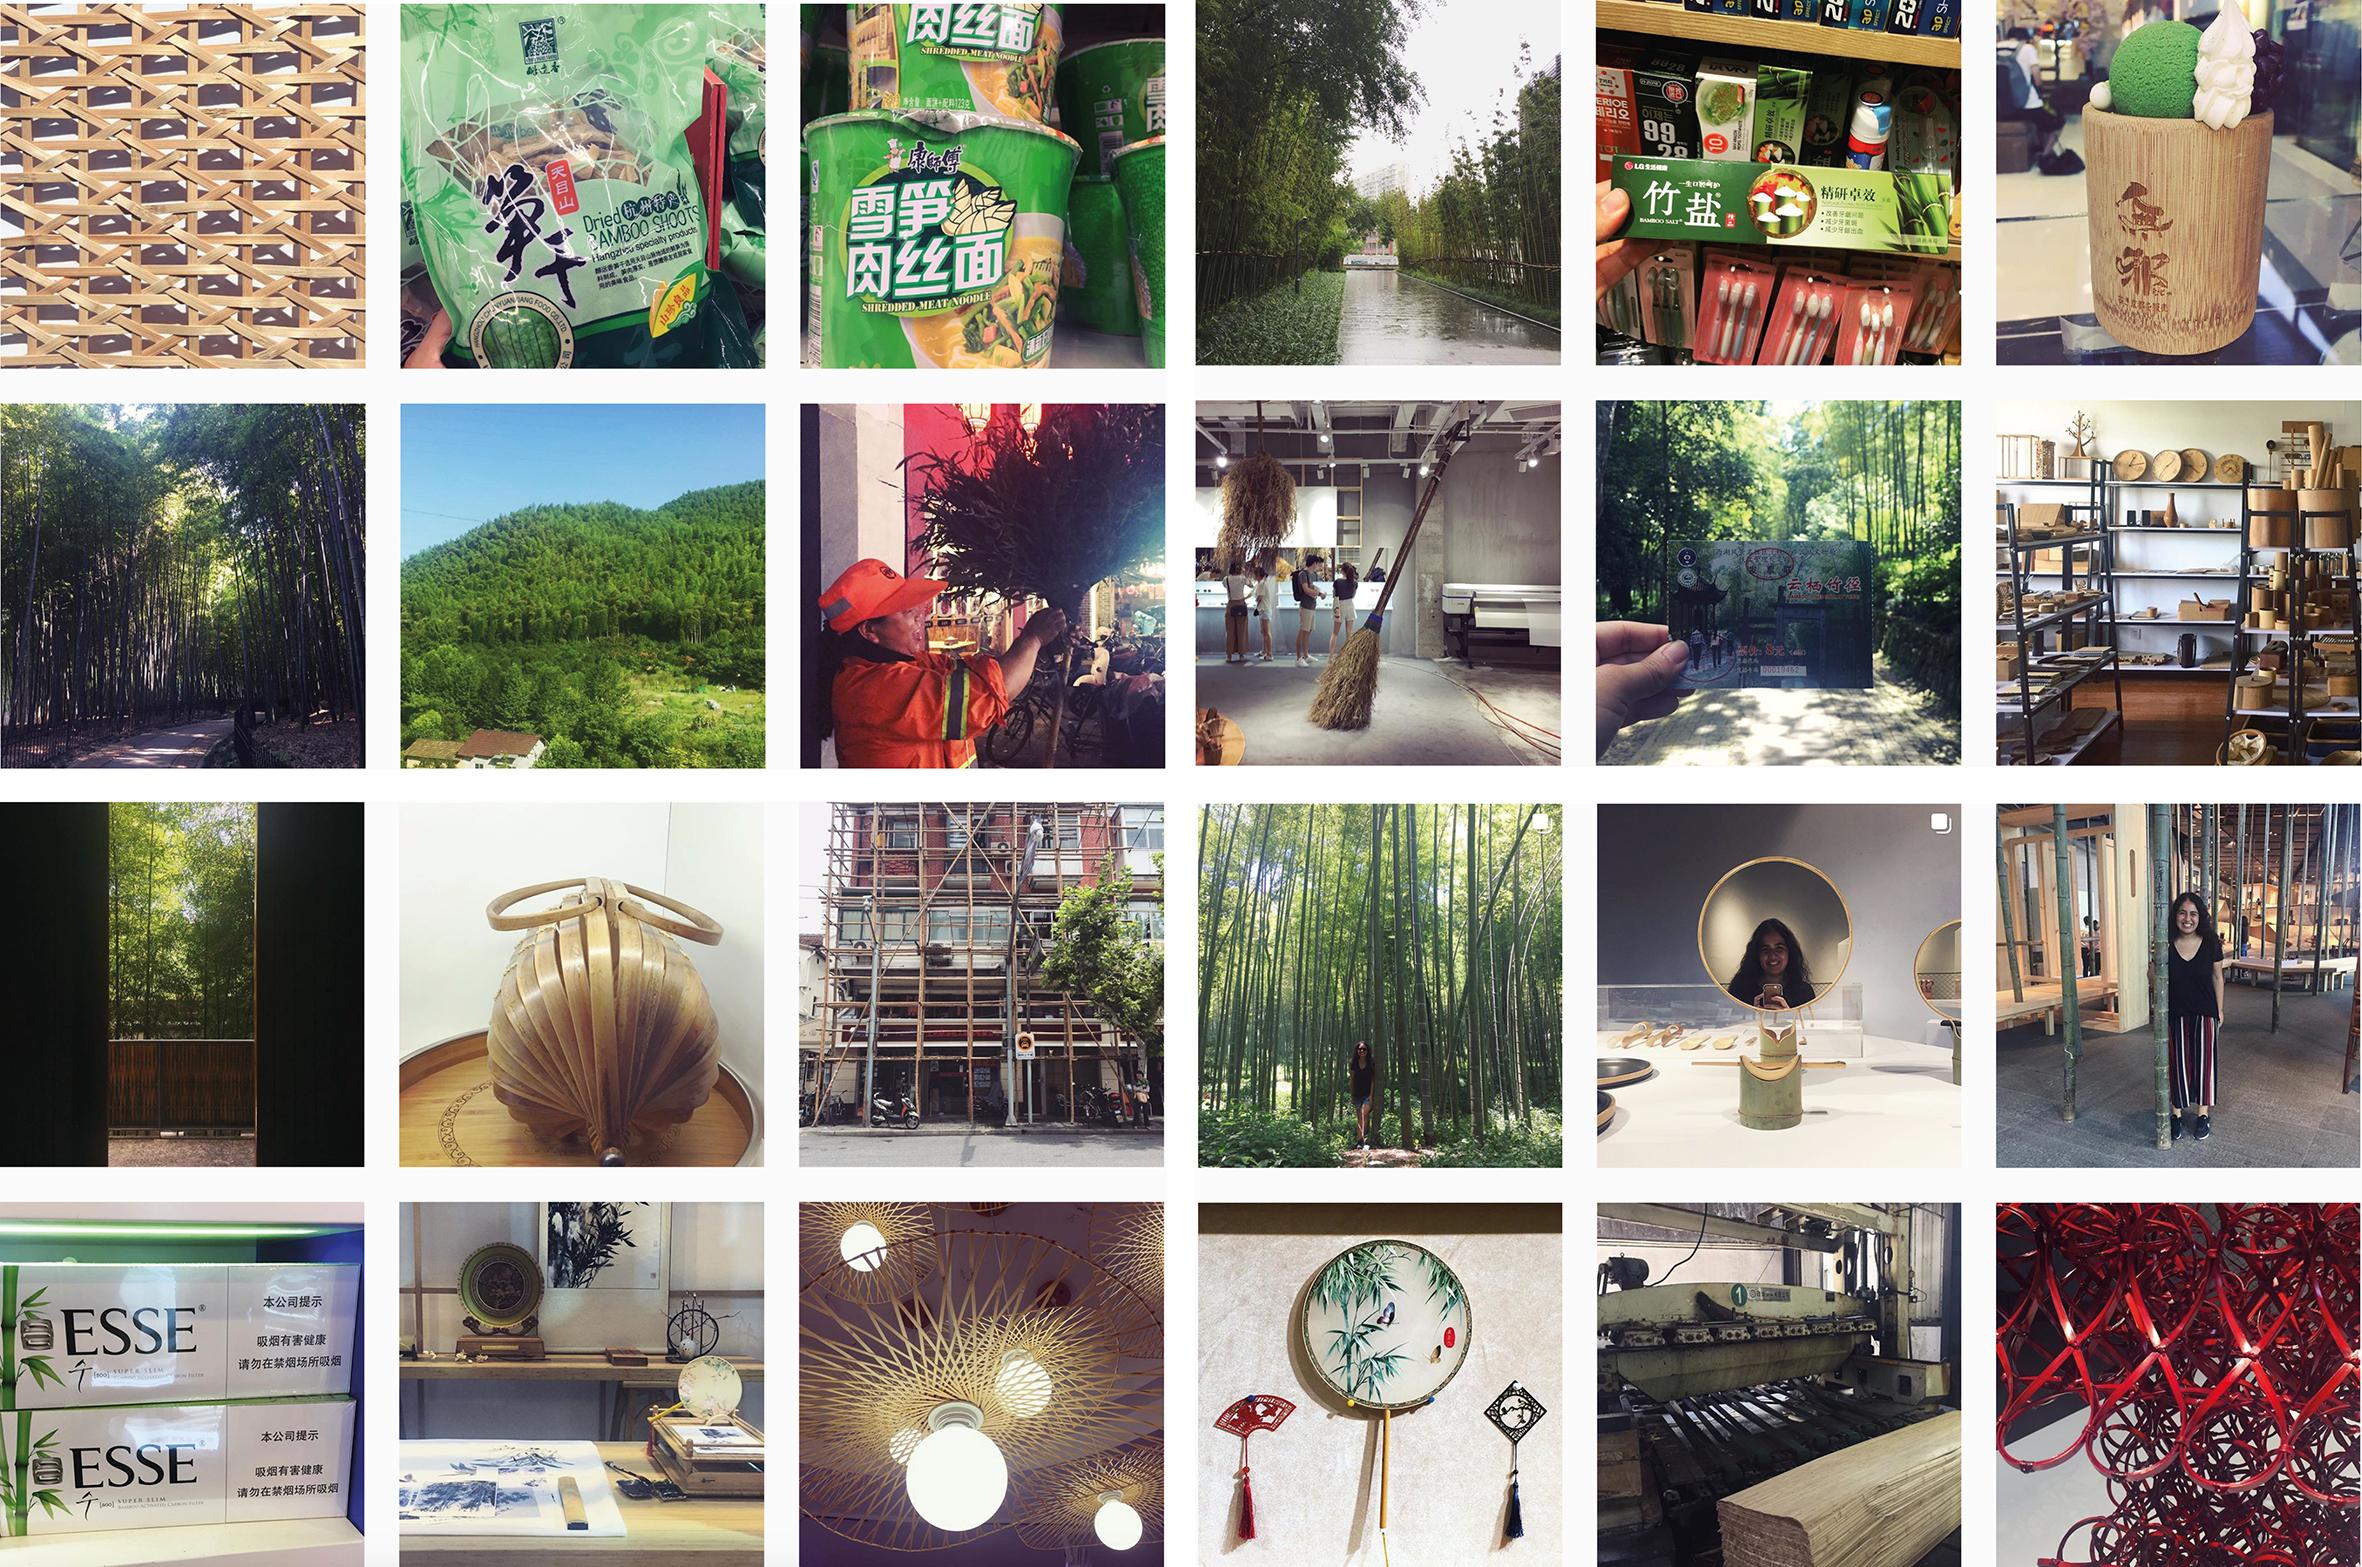 bambuenchina.jpg